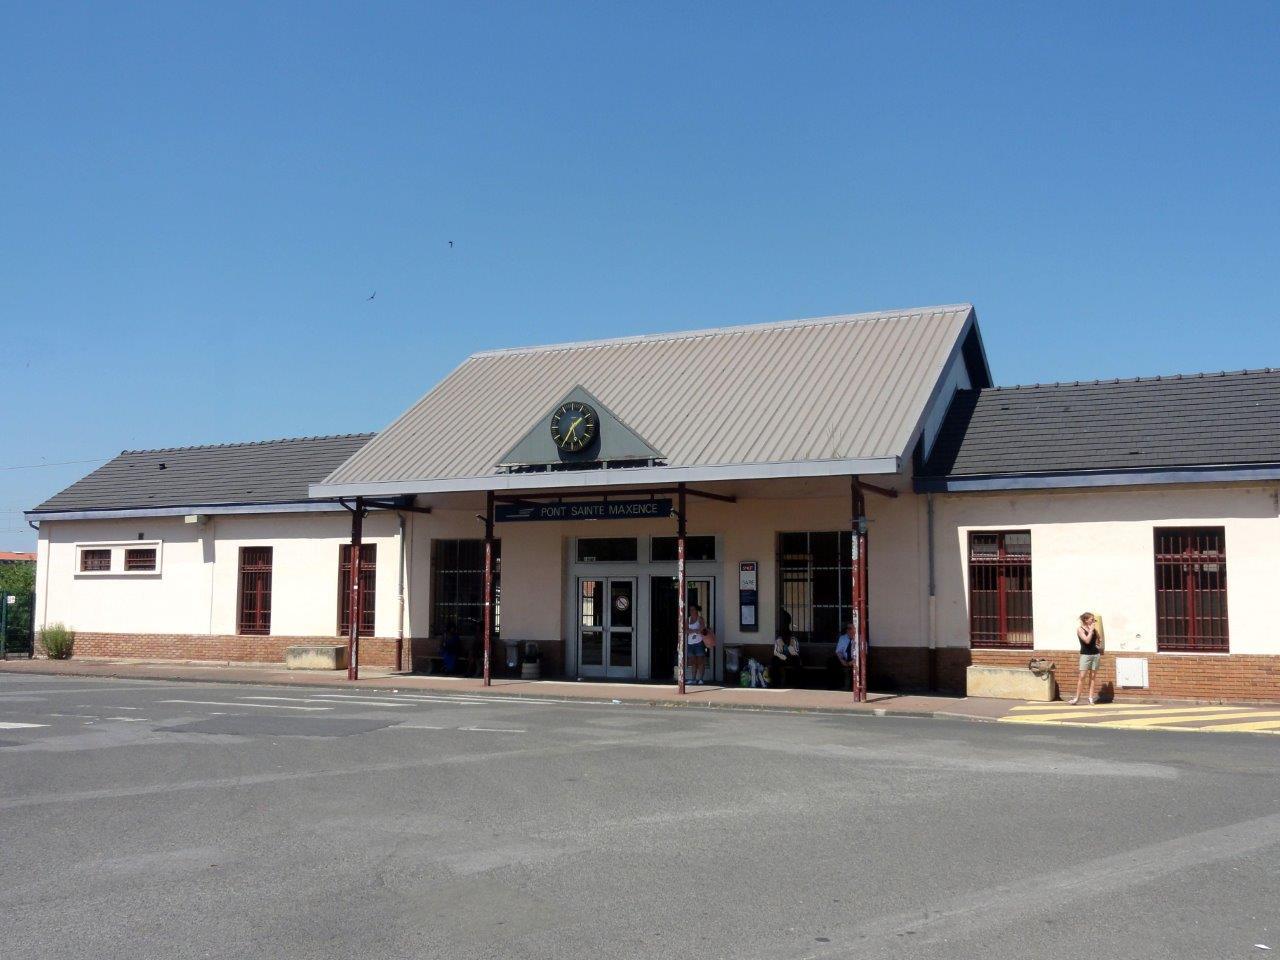 gare-de-pont-sainte-maxence-train-station